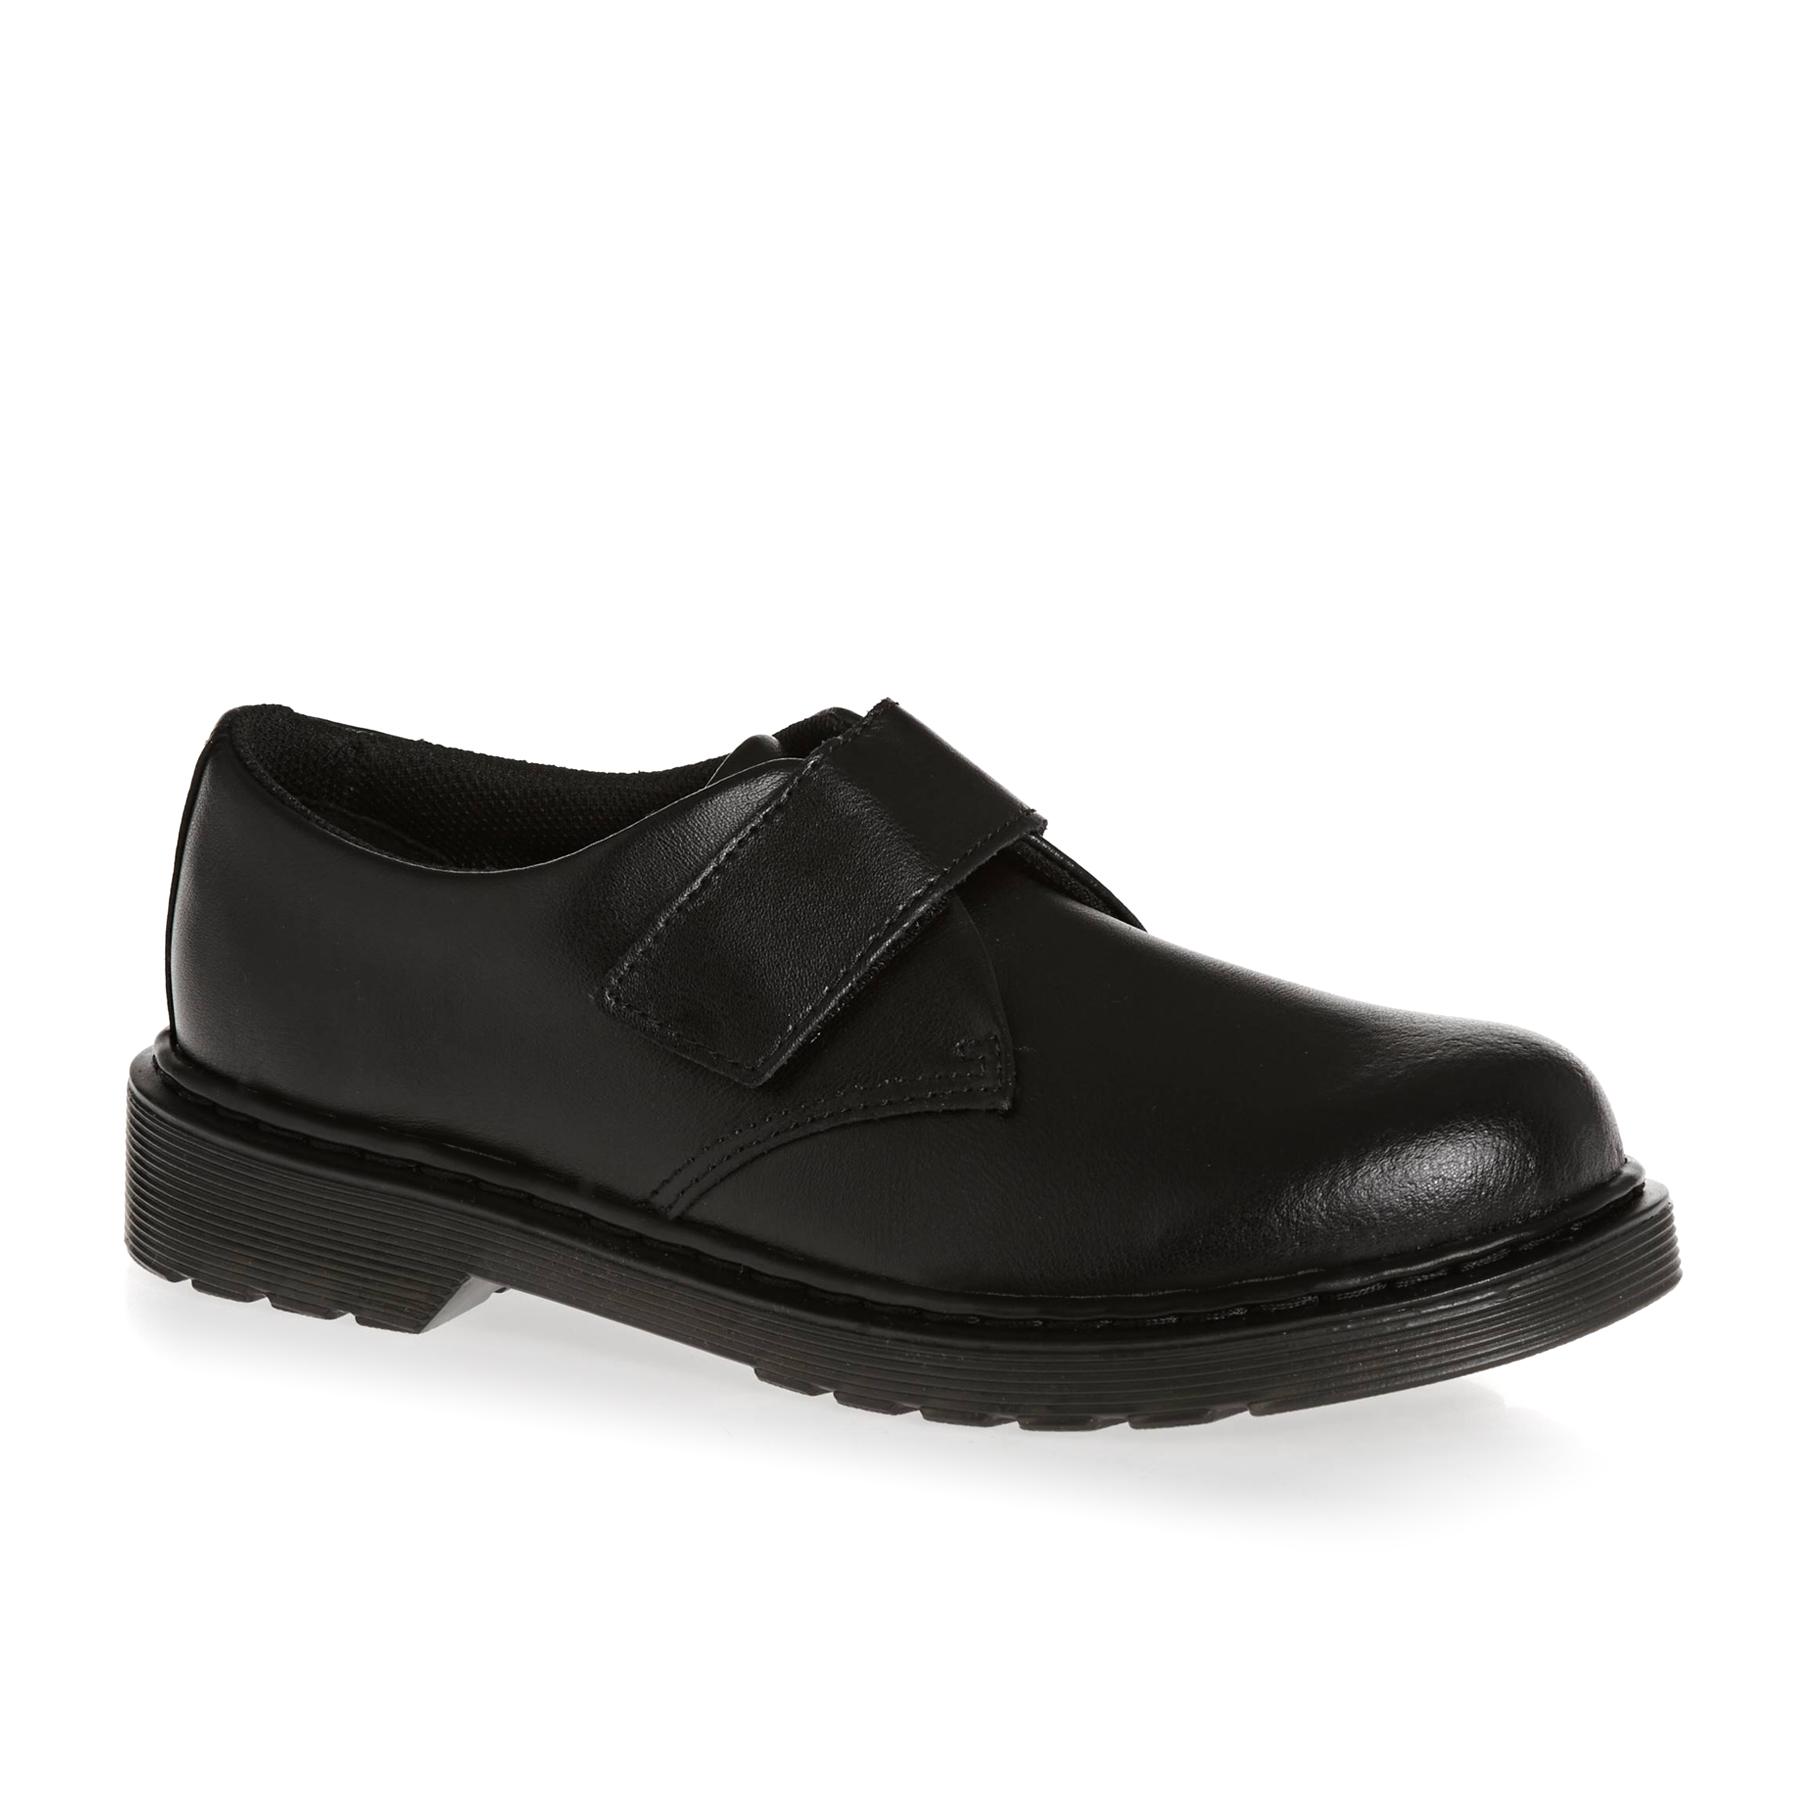 Dr Martens Kassion Sandals - Free